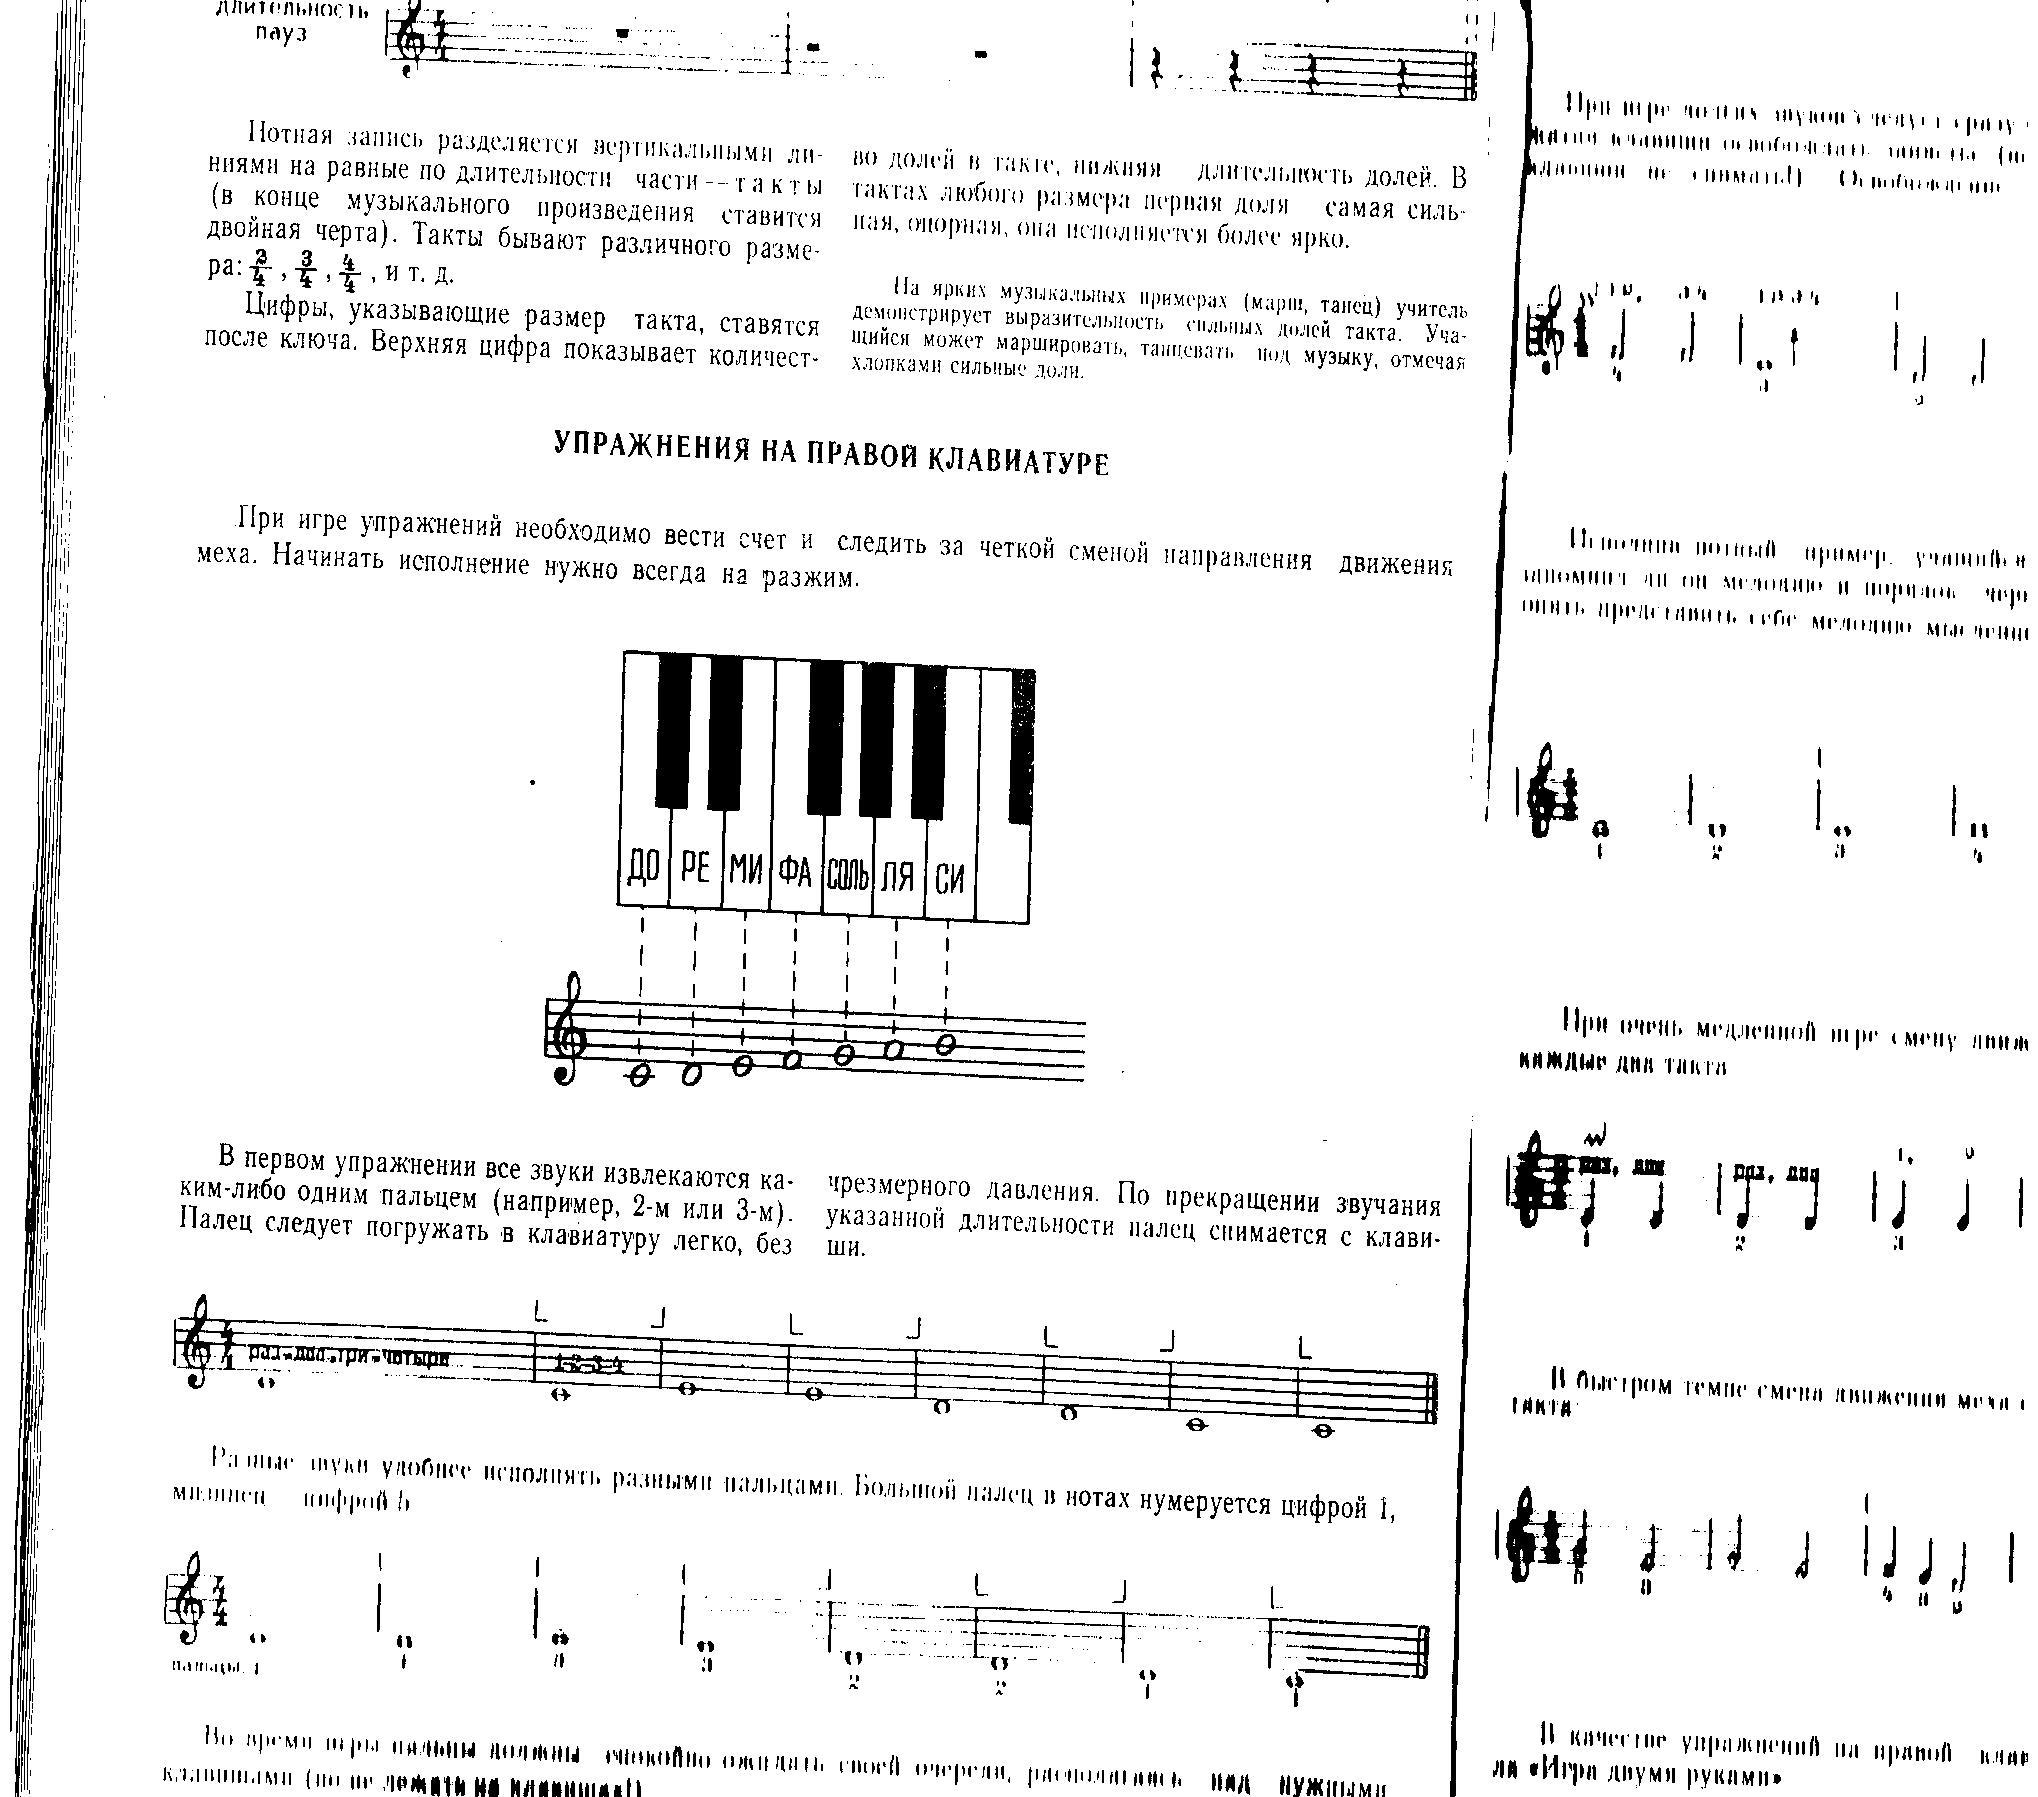 C:\Documents and Settings\User\Мои документы\Мои рисунки\2011-09-14\Scan20003.TIF